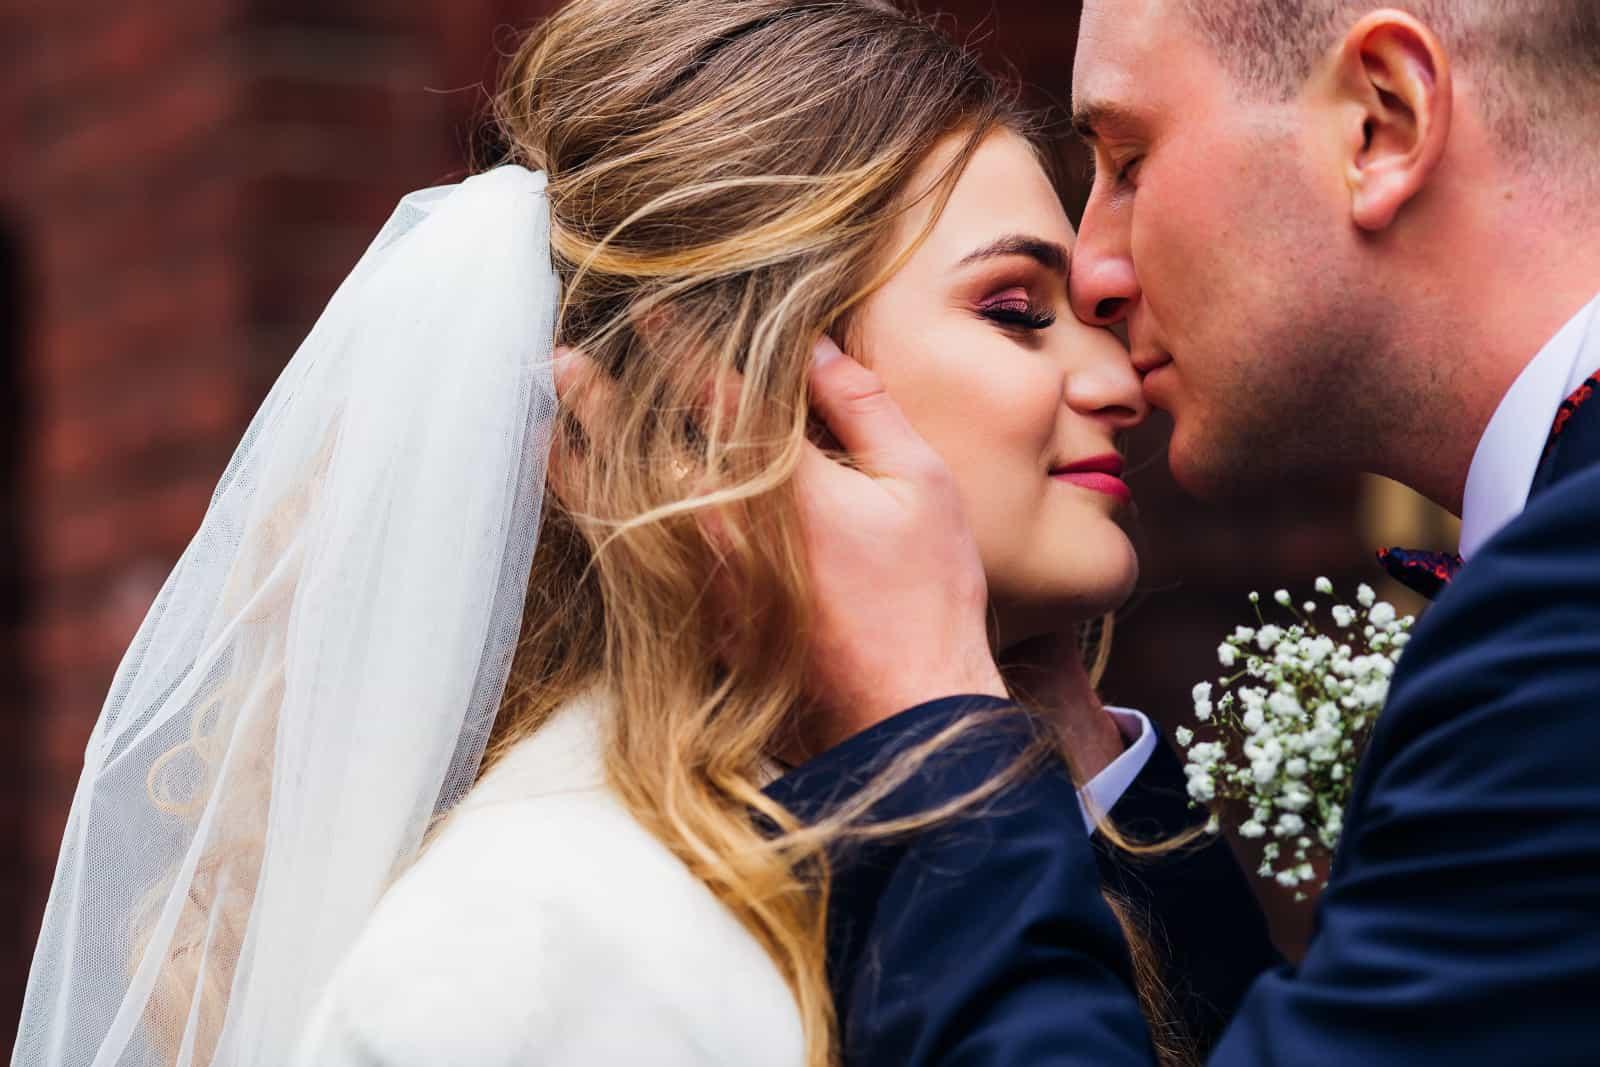 Der Bräutigam liebt die Braut